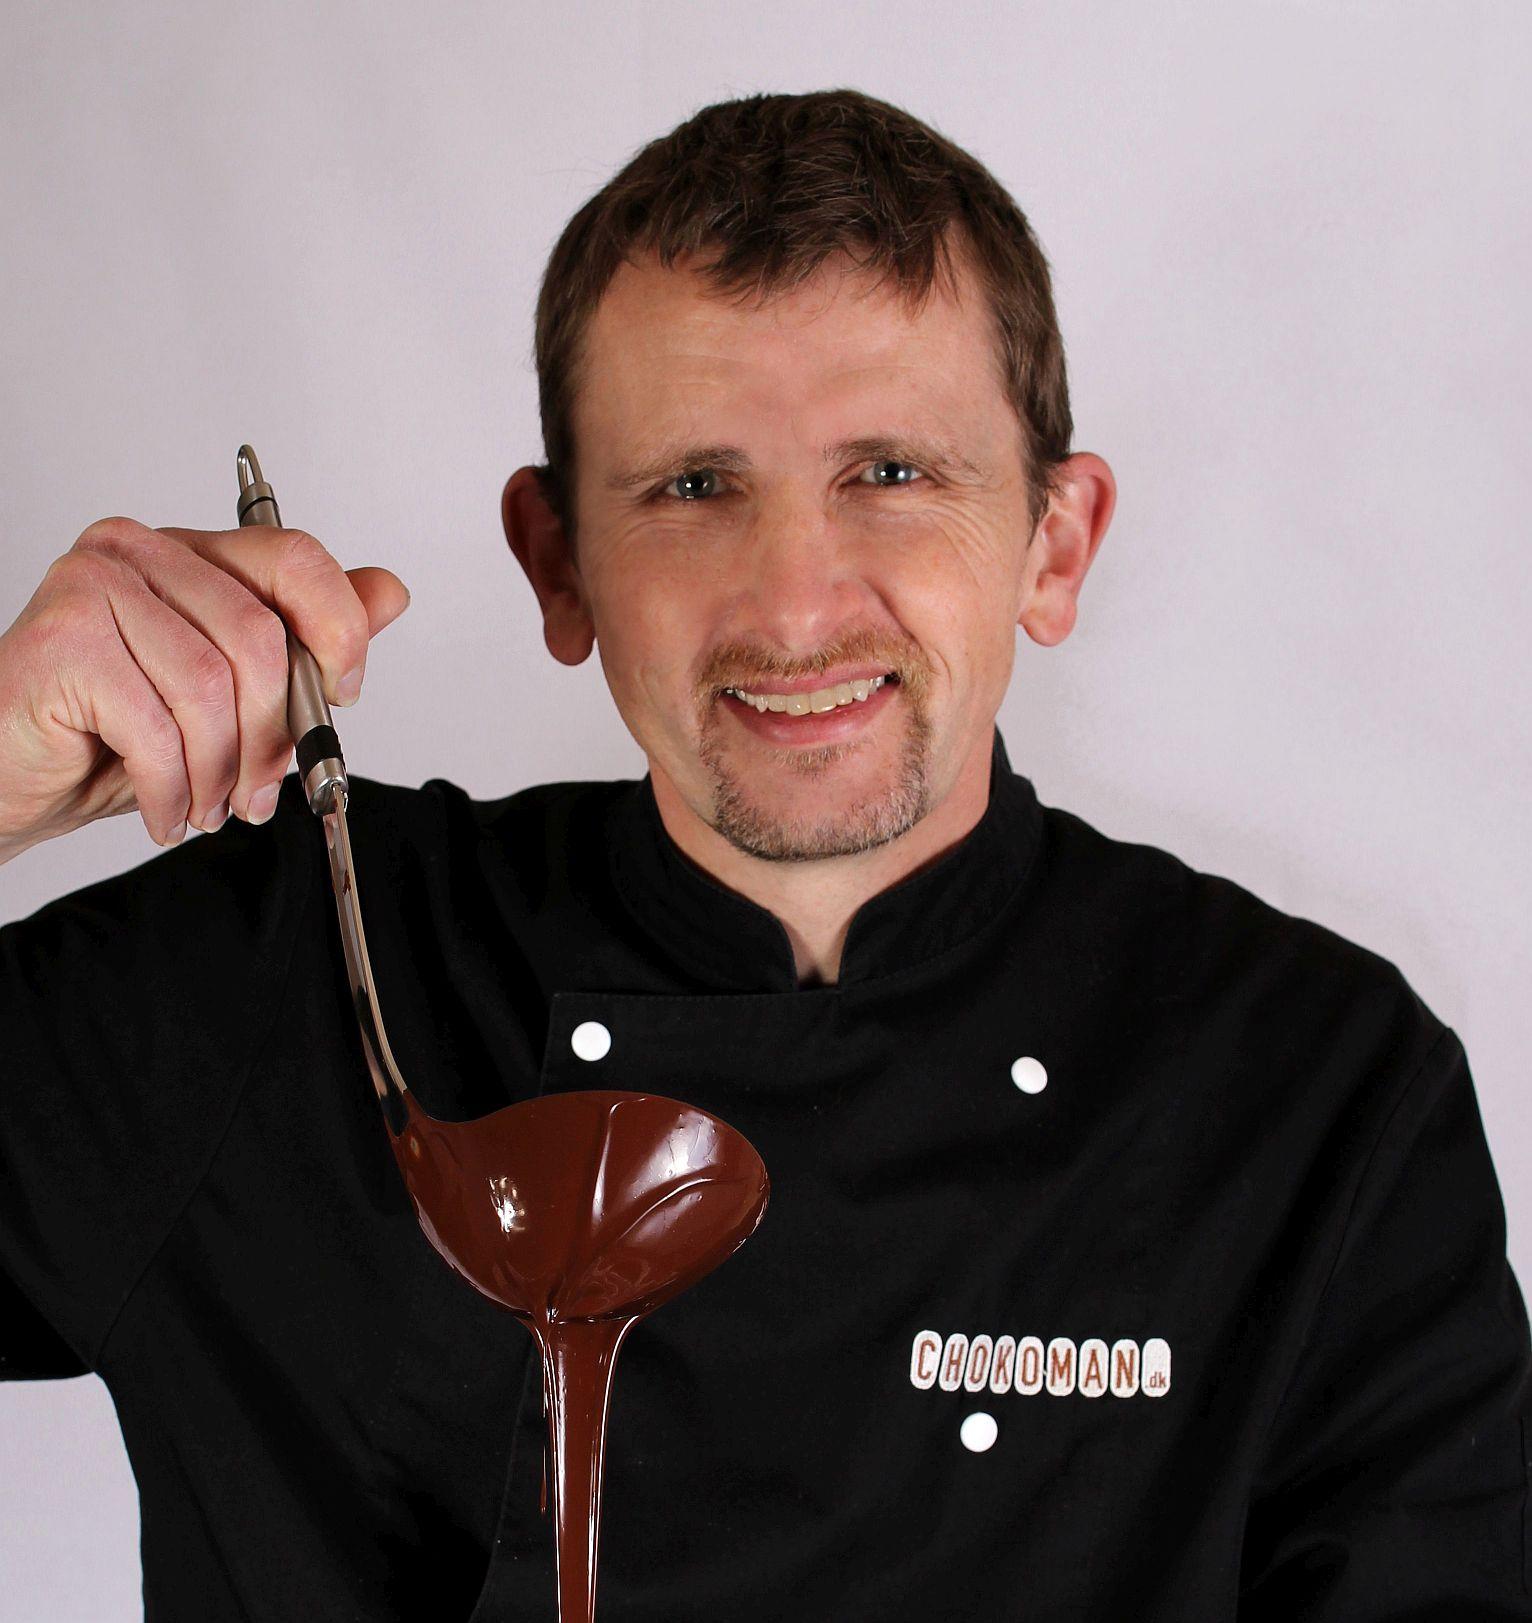 Vild chokolade